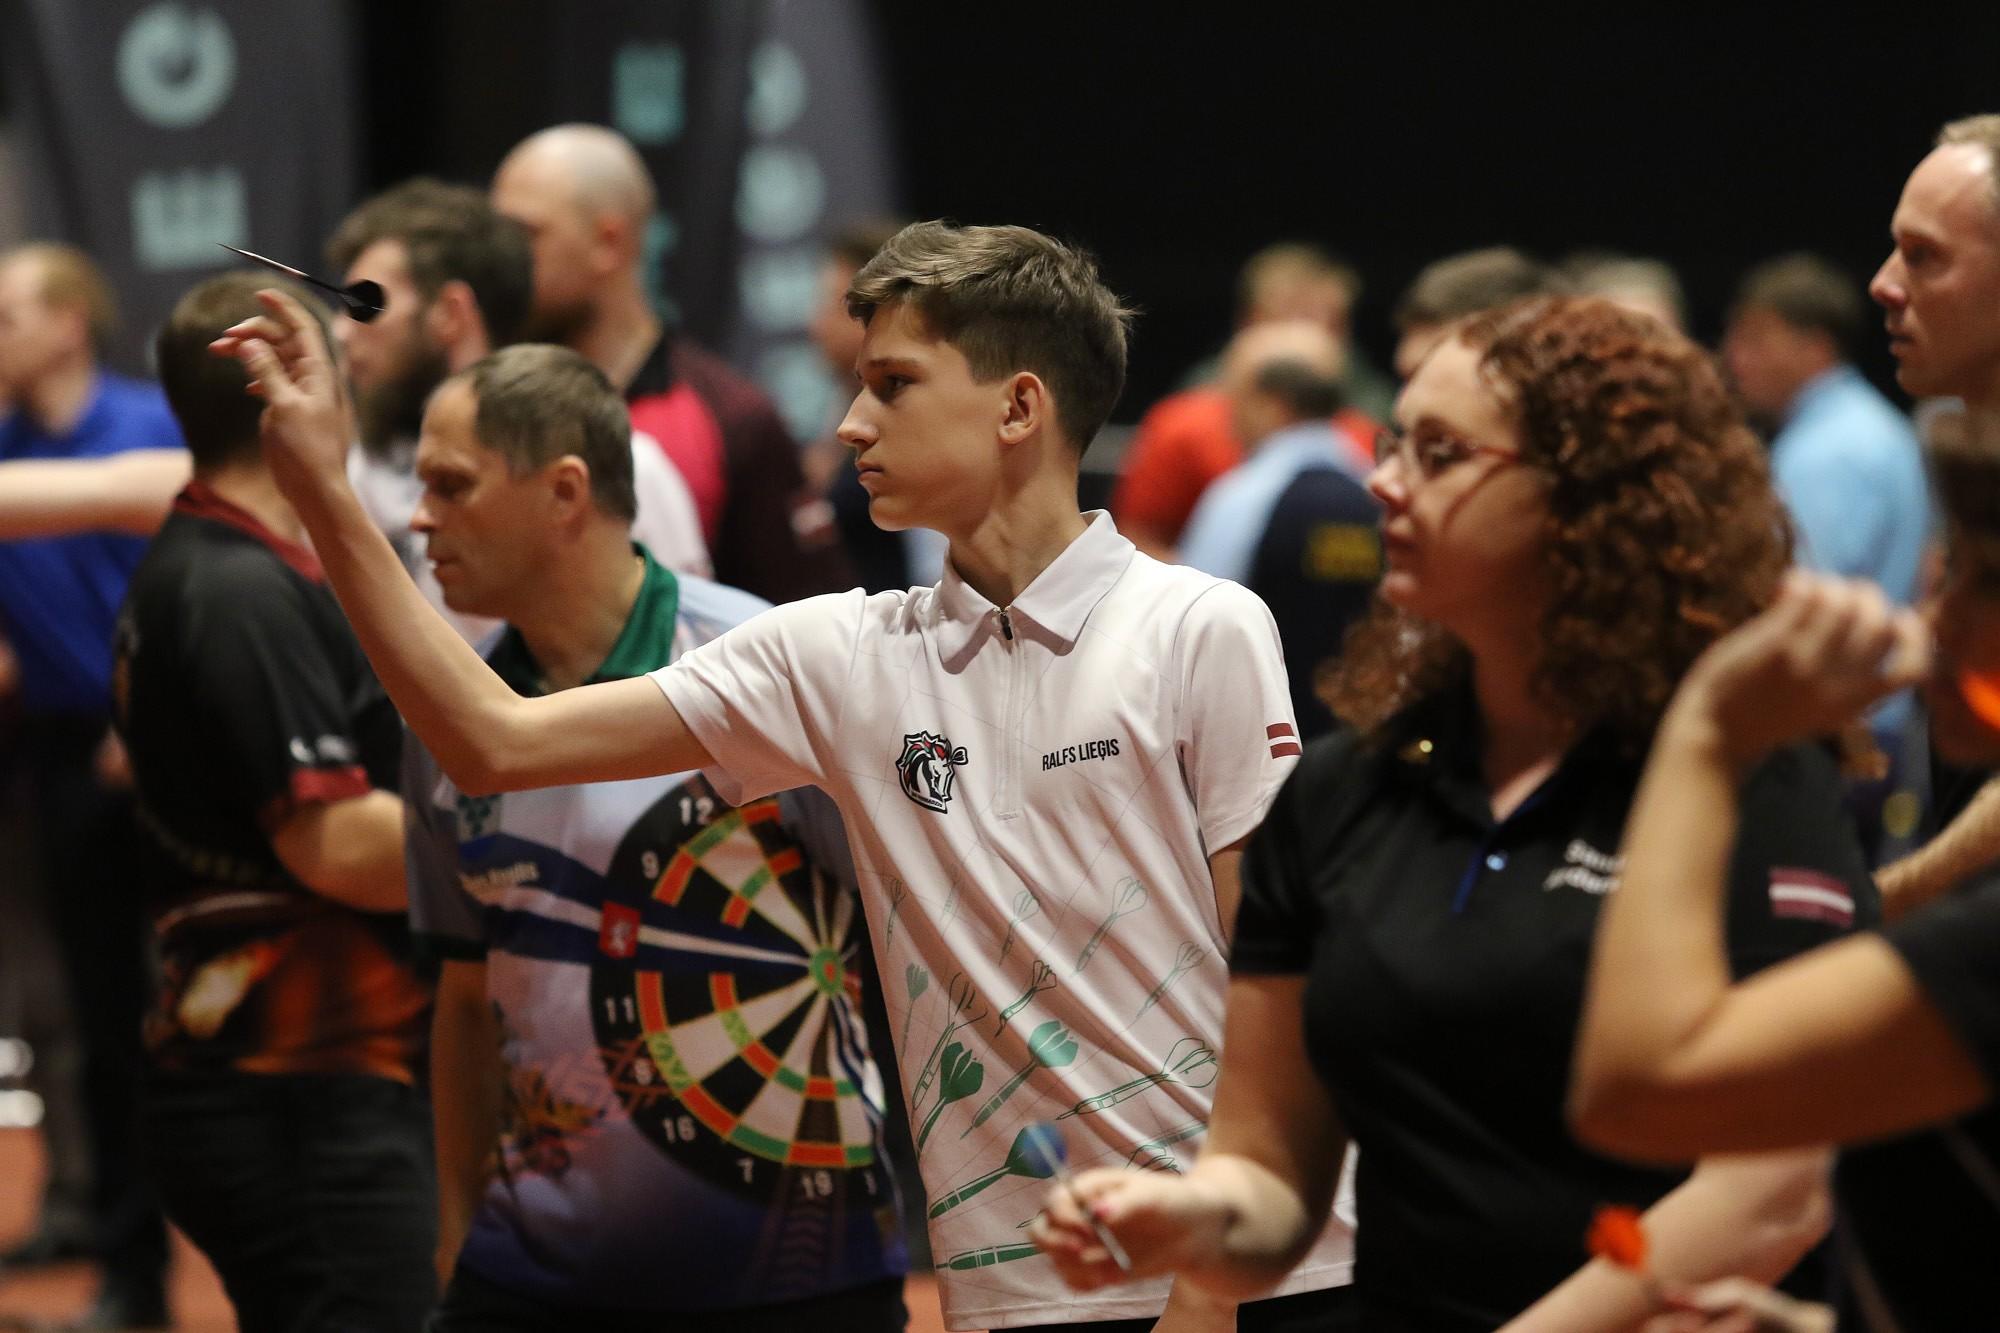 Liepājnieki dominēja junioru un jauniešu šautriņu mešanas turnīros